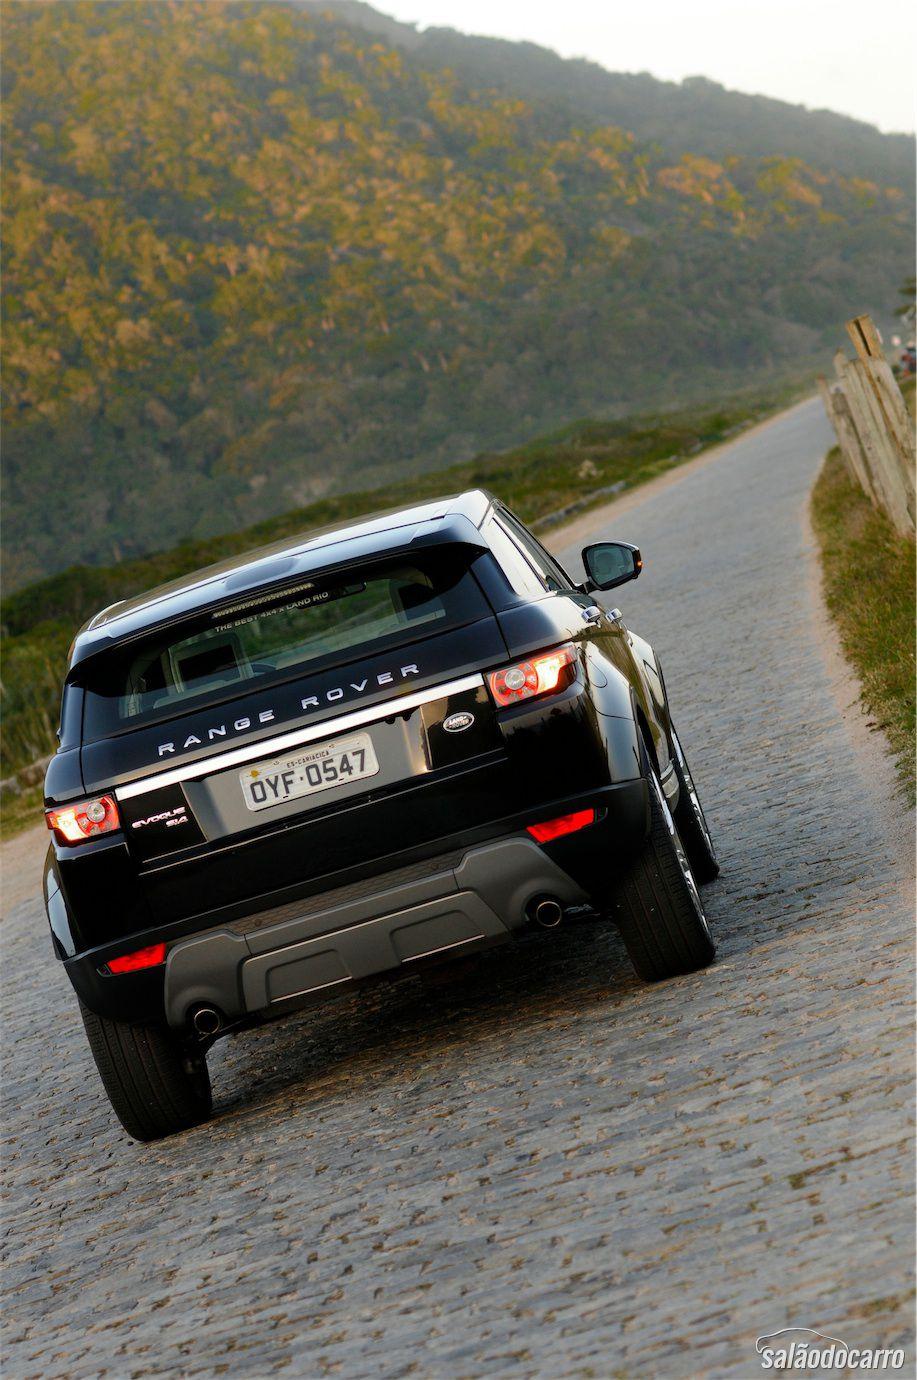 Range Rover Evoque ainda reina com seu design moderno